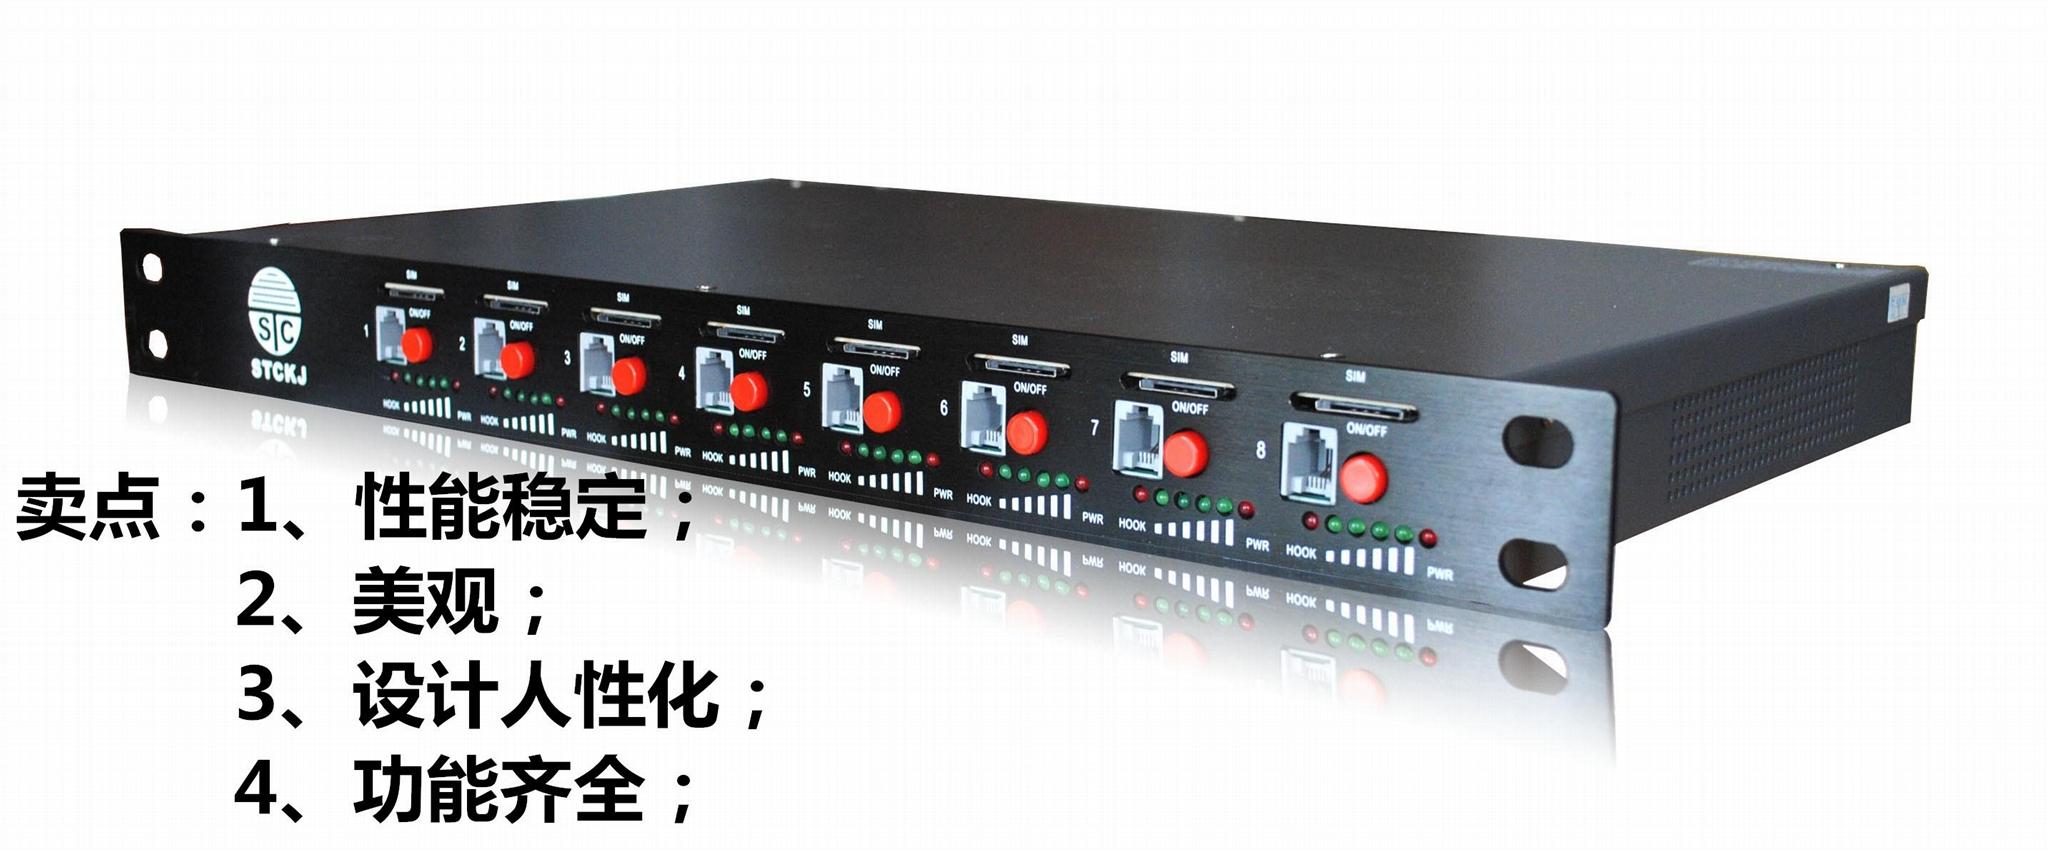 全网通无线固话FWT支持电信联通移动无线固话 4